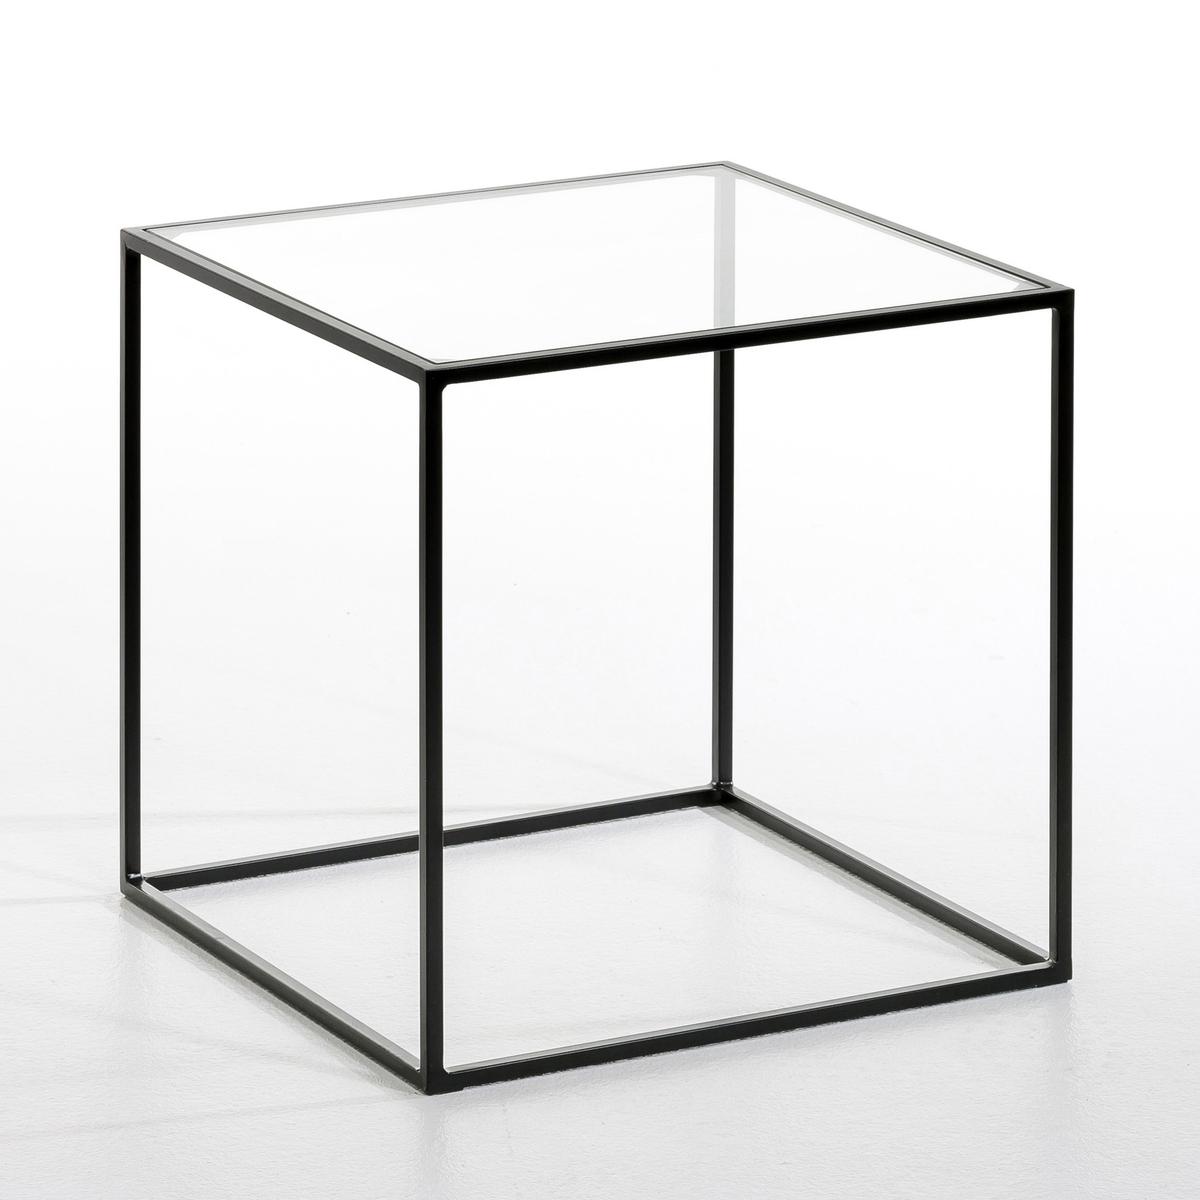 Столик диванный Sybil, столешница из стекла или белаяДиванный столик Sybil. Очень элегантный благодаря своей кубической форме и лакированному металлу .Характеристики :- Ножки из тонкой металлической трубки - Столешница из прозрачного стекла или белой шелкографии. Размеры :- Ш.40 x В.40 x Г.40 см. Размеры и вес упаковки :- Ш.46,5 x В.47,2 x Г.45,5 см, 5,7 кг.<br><br>Цвет: стеклянный прозрачный